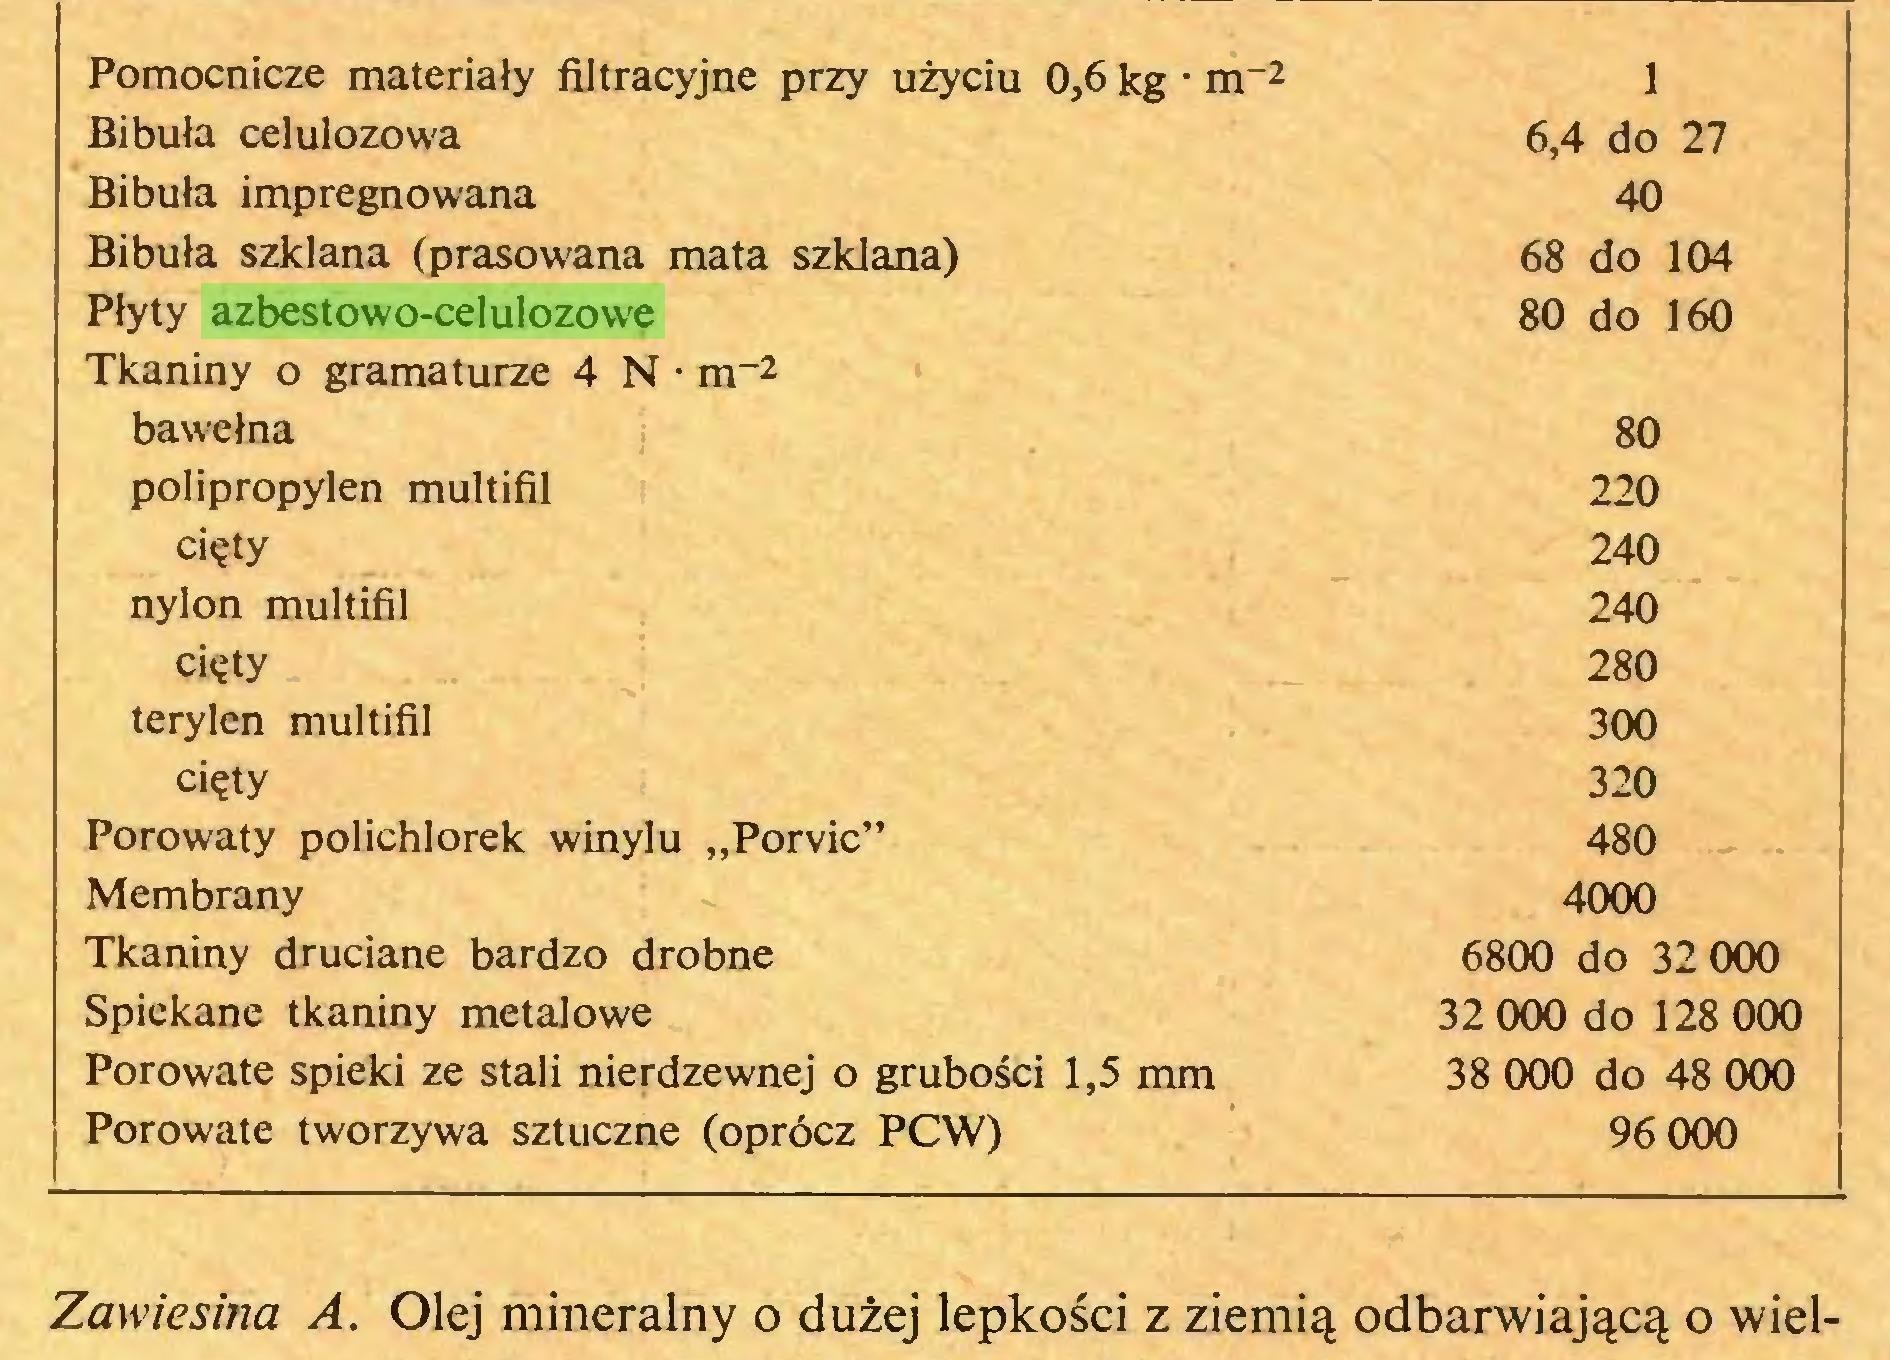 """(...) Pomocnicze materiały filtracyjne przy użyciu 0,6 kg • nr2 Bibuła celulozowa Bibuła impregnowana Bibuła szklana (prasowana mata szklana) Płyty azbestowo-celulozowe Tkaniny o gramaturze 4 N • m~2 bawełna polipropylen multifil cięty nylon multifil cięty terylen multifil cięty Porowaty polichlorek winylu """"Porvic"""" Membrany Tkaniny druciane bardzo drobne Spiekane tkaniny metalowe Porowate spieki ze stali nierdzewnej o grubości 1,5 mm Porowate tworzywa sztuczne (oprócz PCW) 1 6,4 do 27 40 68 do 104 80 do 160 80 220 240 240 280 300 320 480 4000 6800 do 32 000 32 000 do 128 000 38 000 do 48 000 96 000 Zawiesina A. Olej mineralny o dużej lepkości z ziemią odbarwiającą o wiel..."""